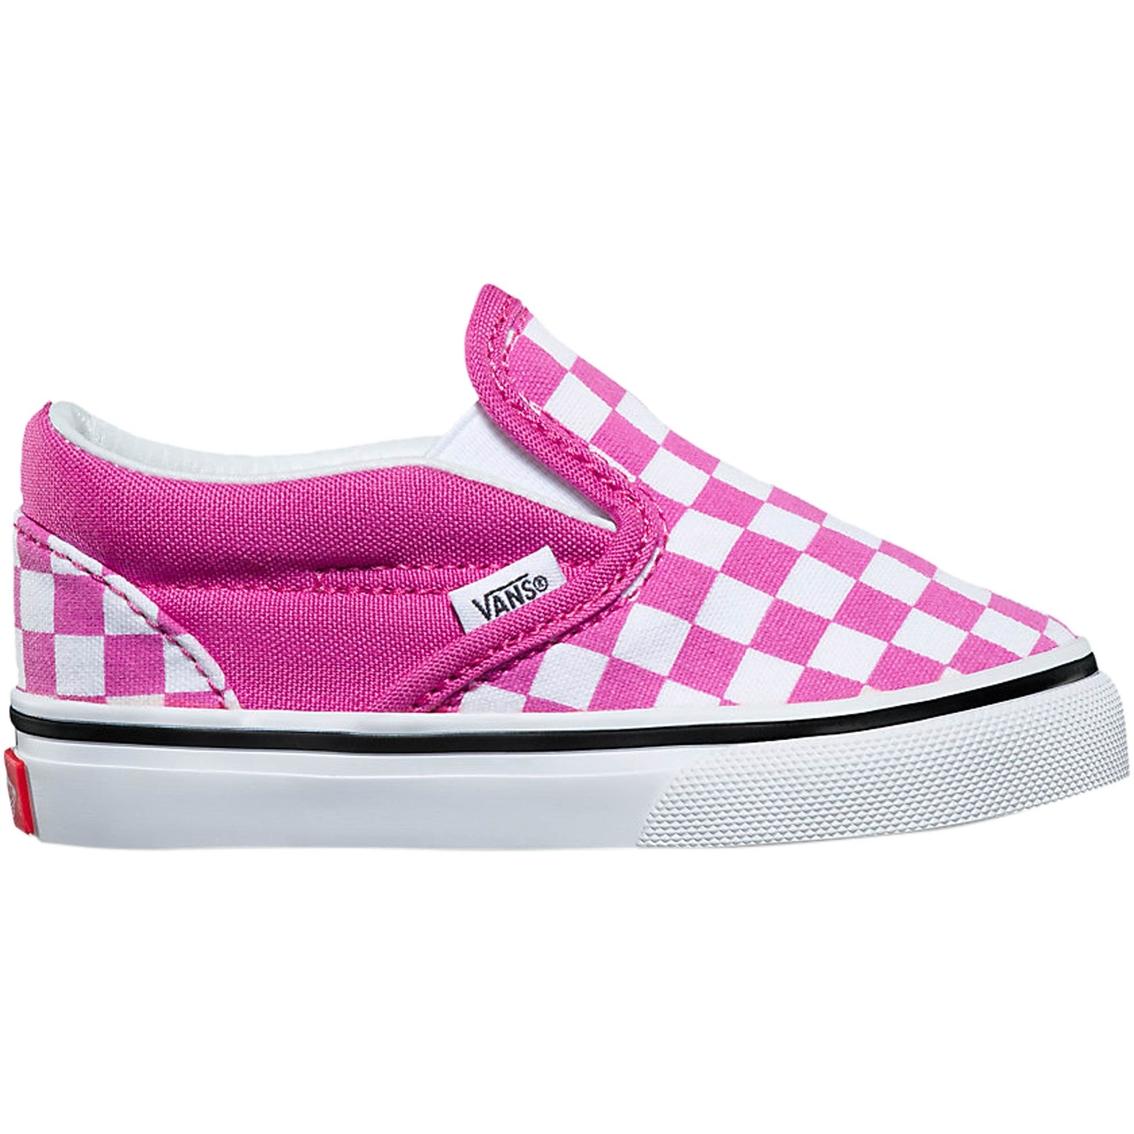 4d6f1c93981863 Vans Toddler Girls Slip On Checker Shoes